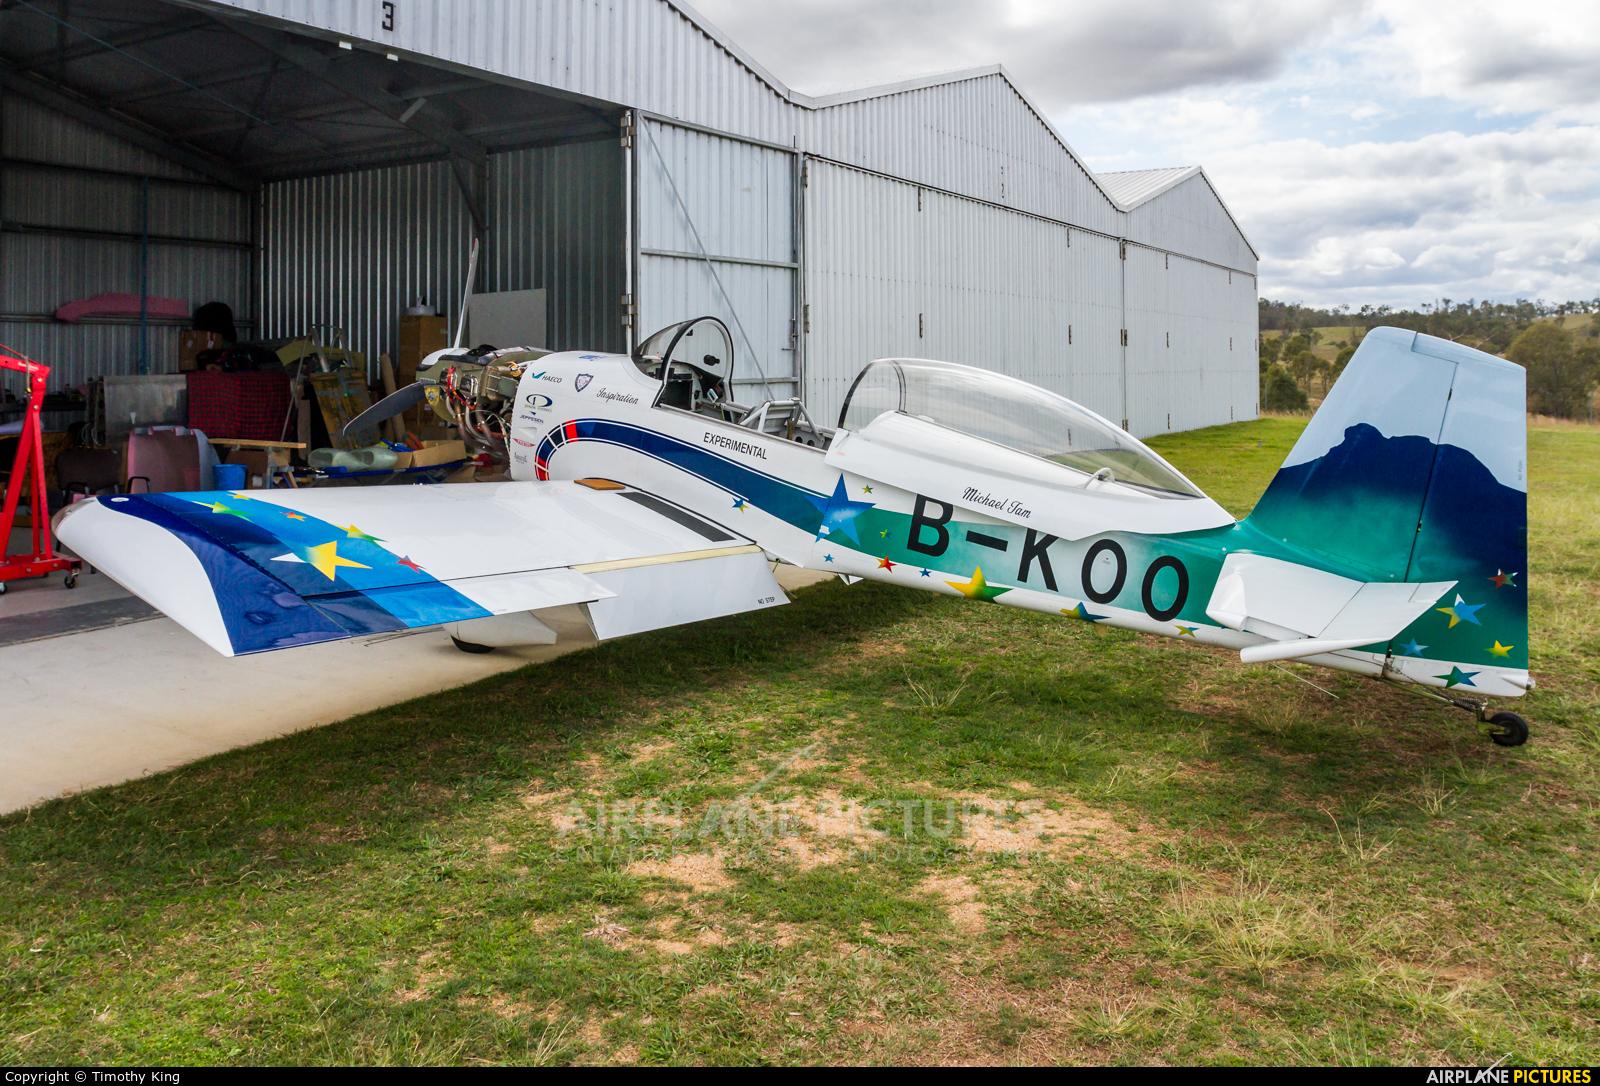 Private B-KOO aircraft at Brisbane, QLD